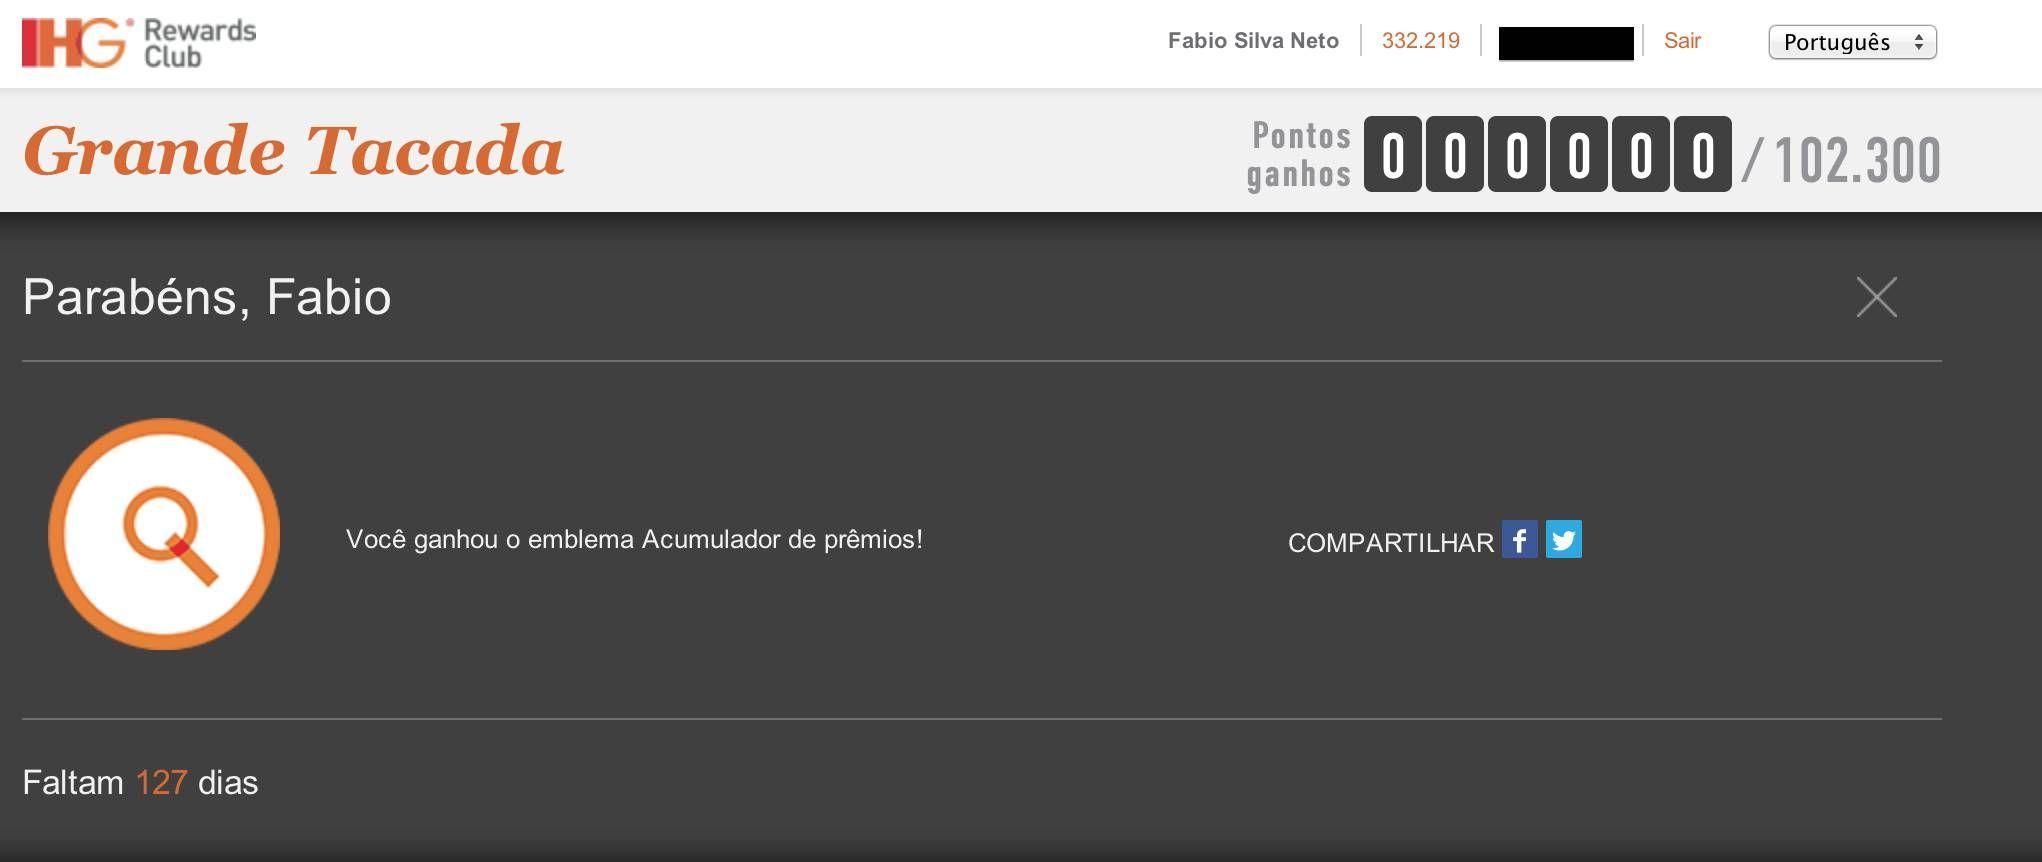 """Promoção """"Grande Tacada"""" do IHG Rewards permite ganhar centenas de milhares de pontos"""